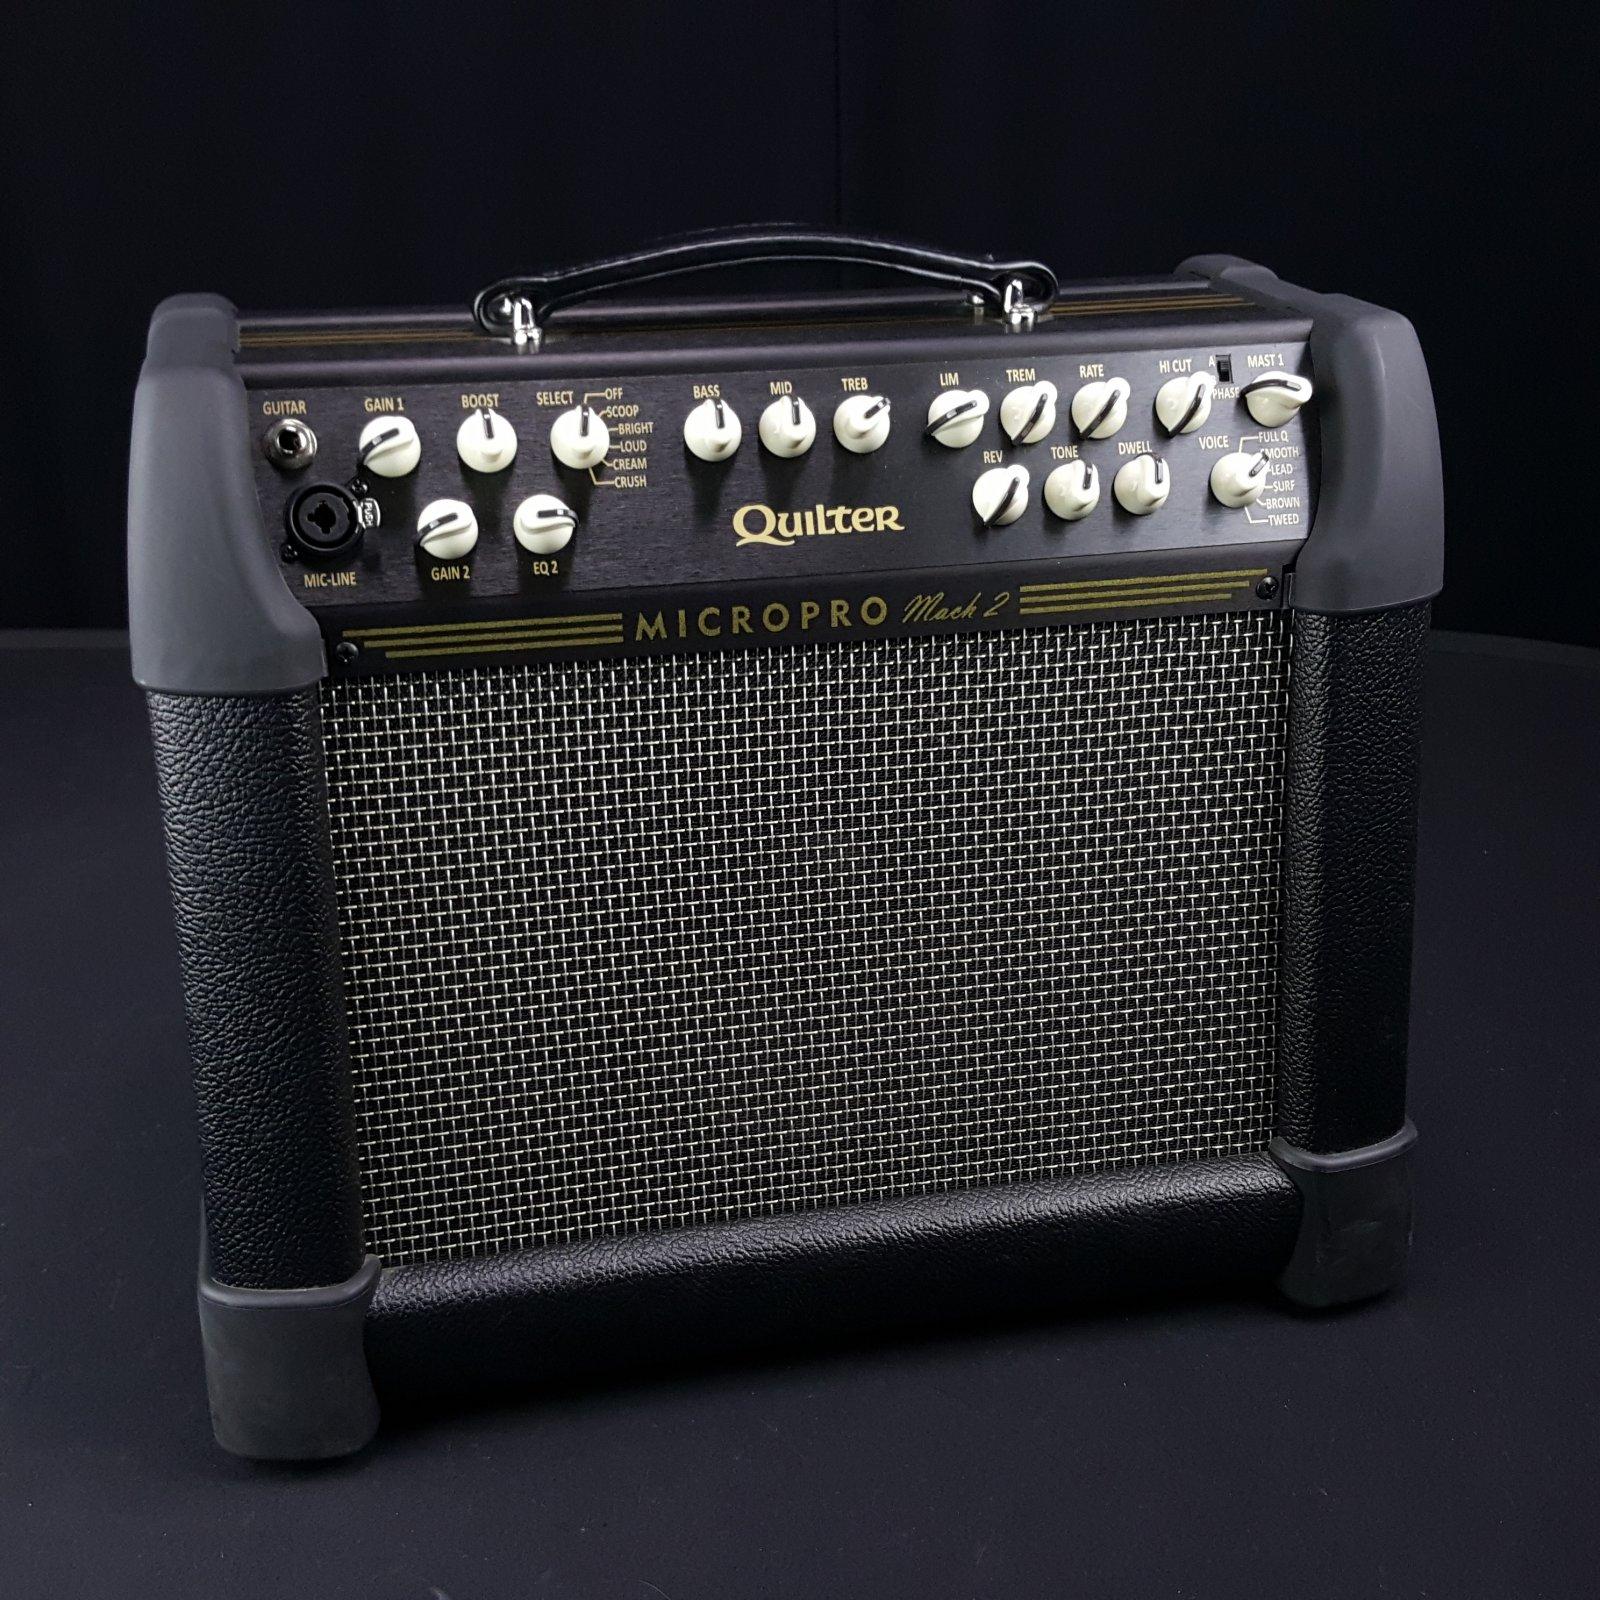 Quilter MicroPro 200 Mach 2 Combo Guitar Amplifier 8 Speaker